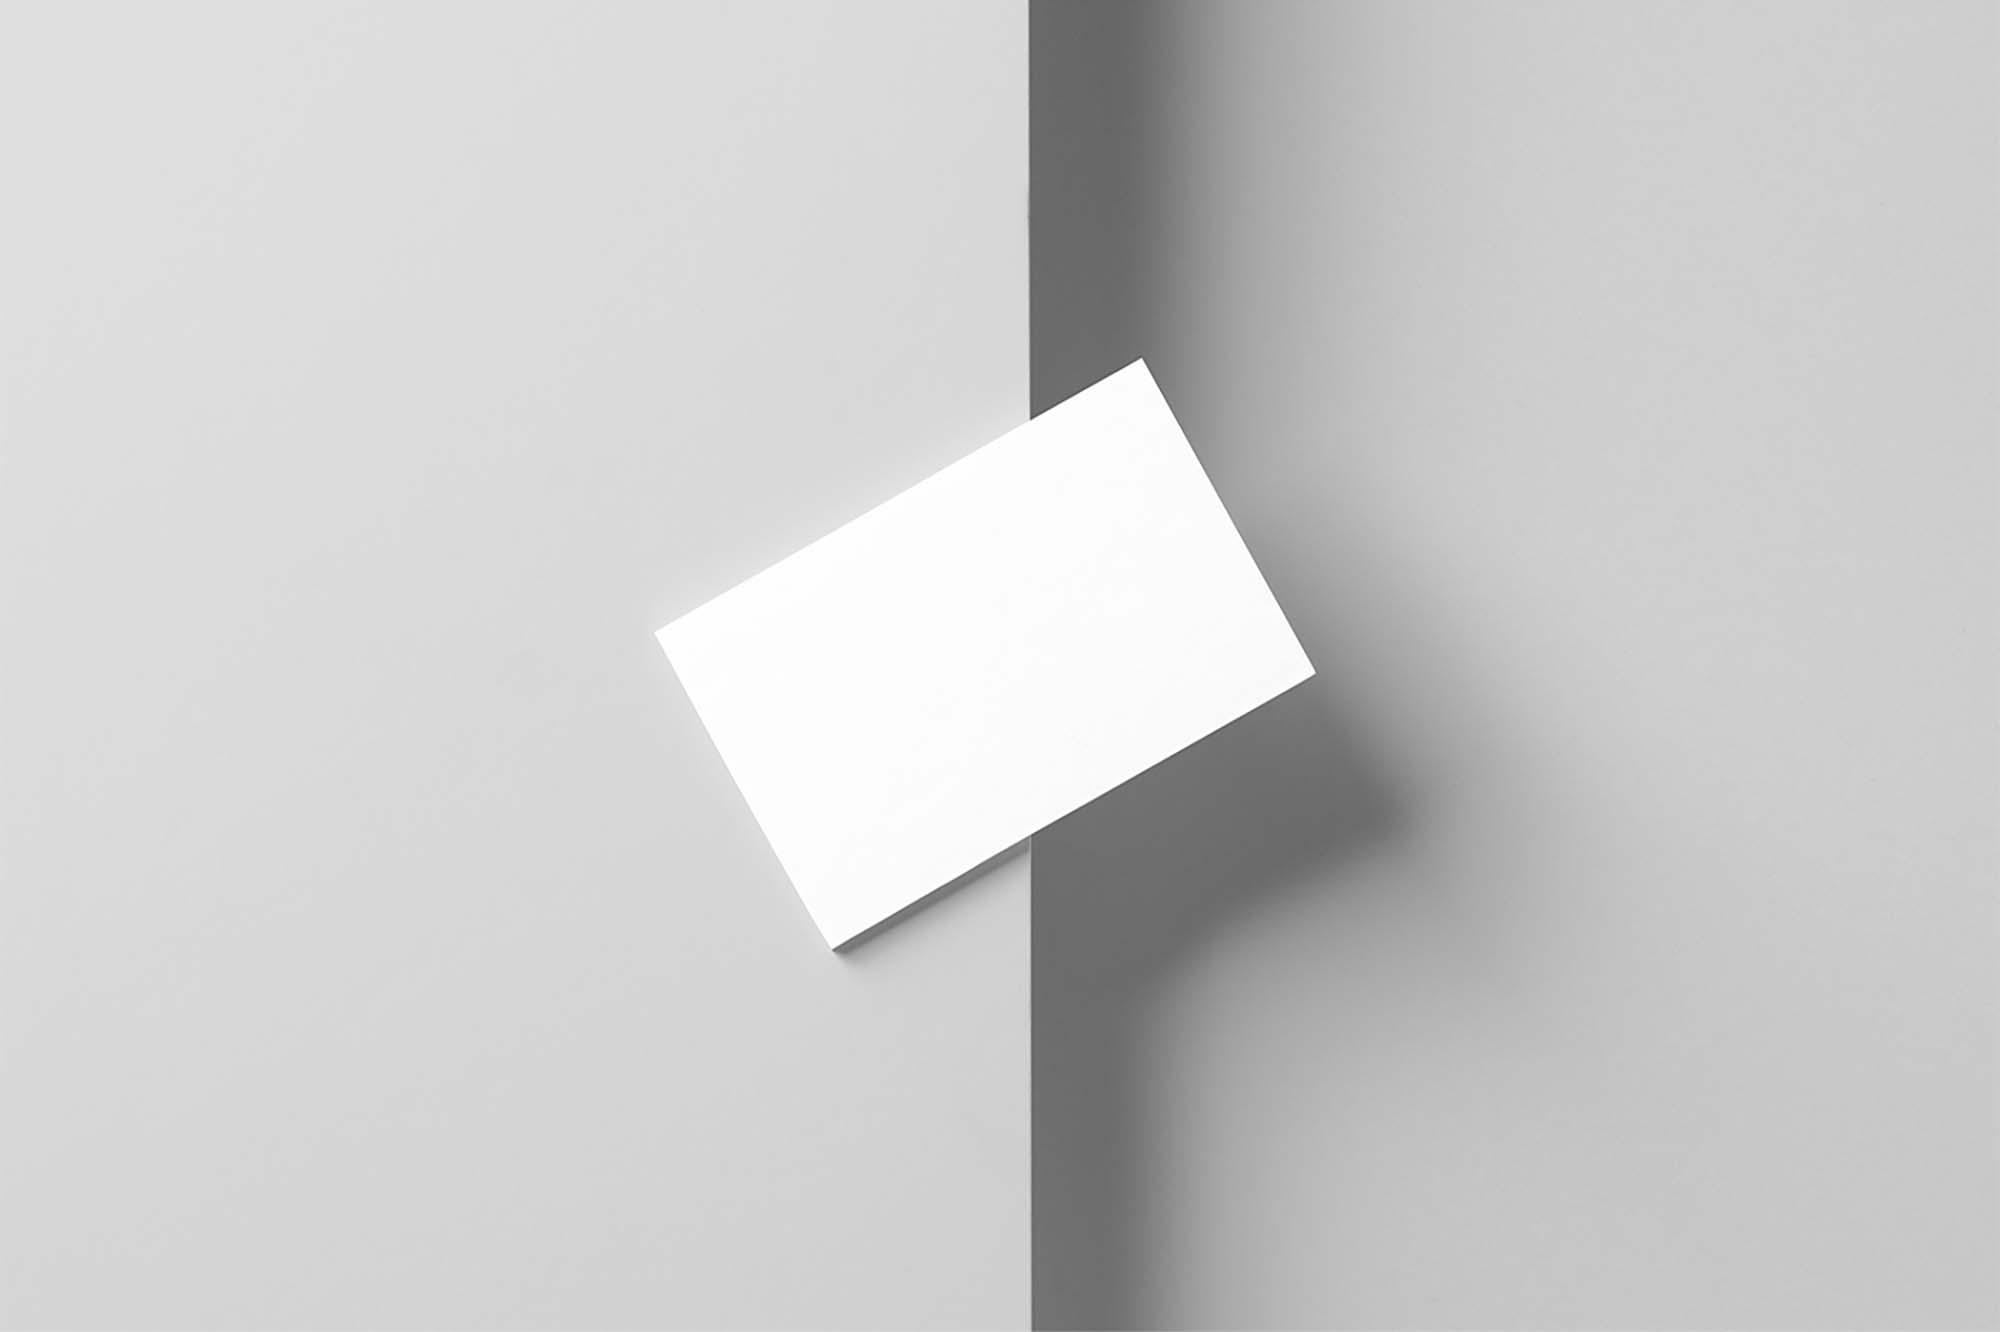 Diagonal Business Card Mockup 2